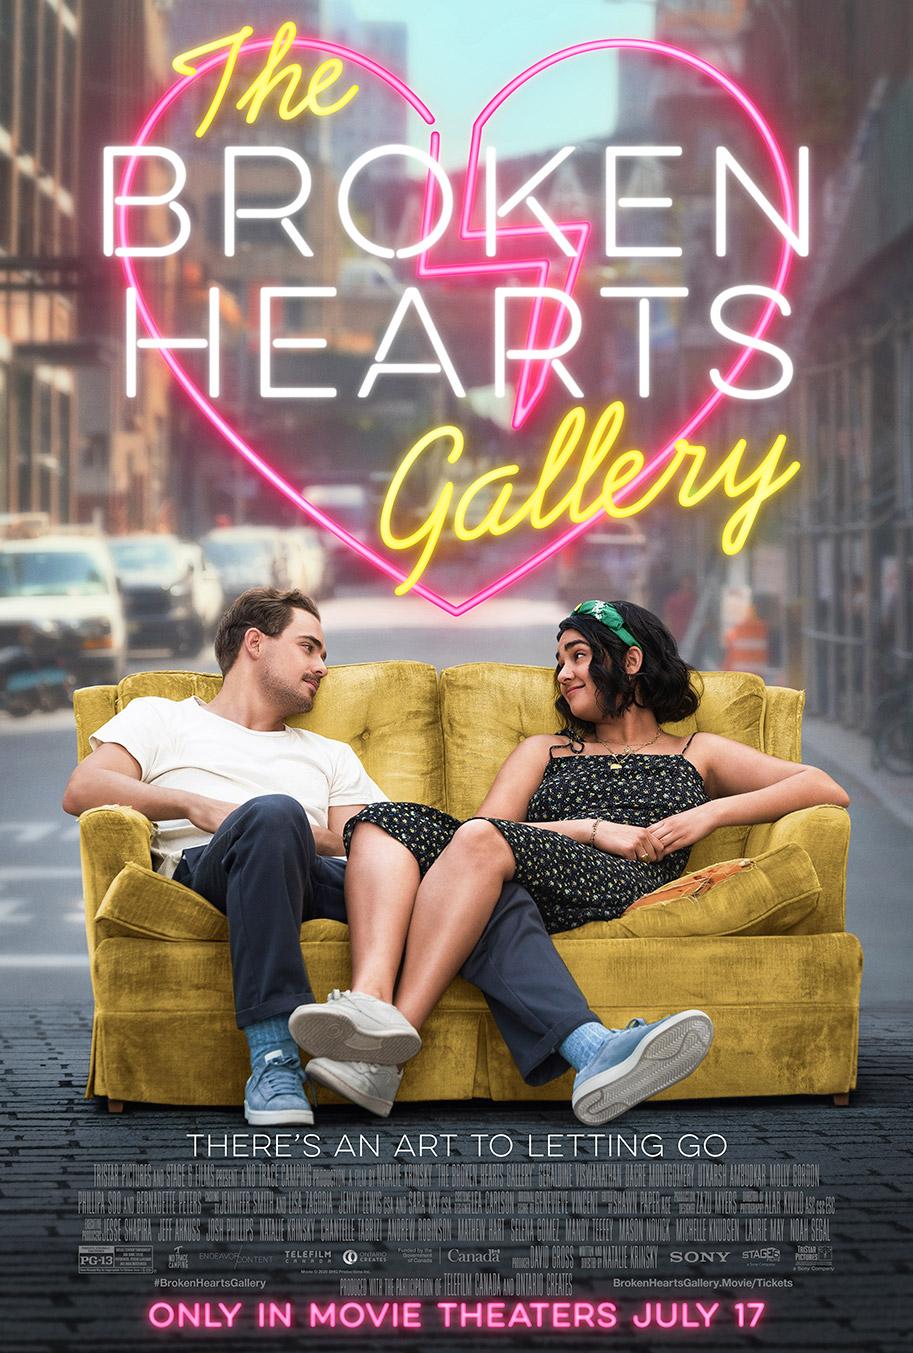 دانلود فیلم Broken Hearts Gallery با کیفیت WEB-DL